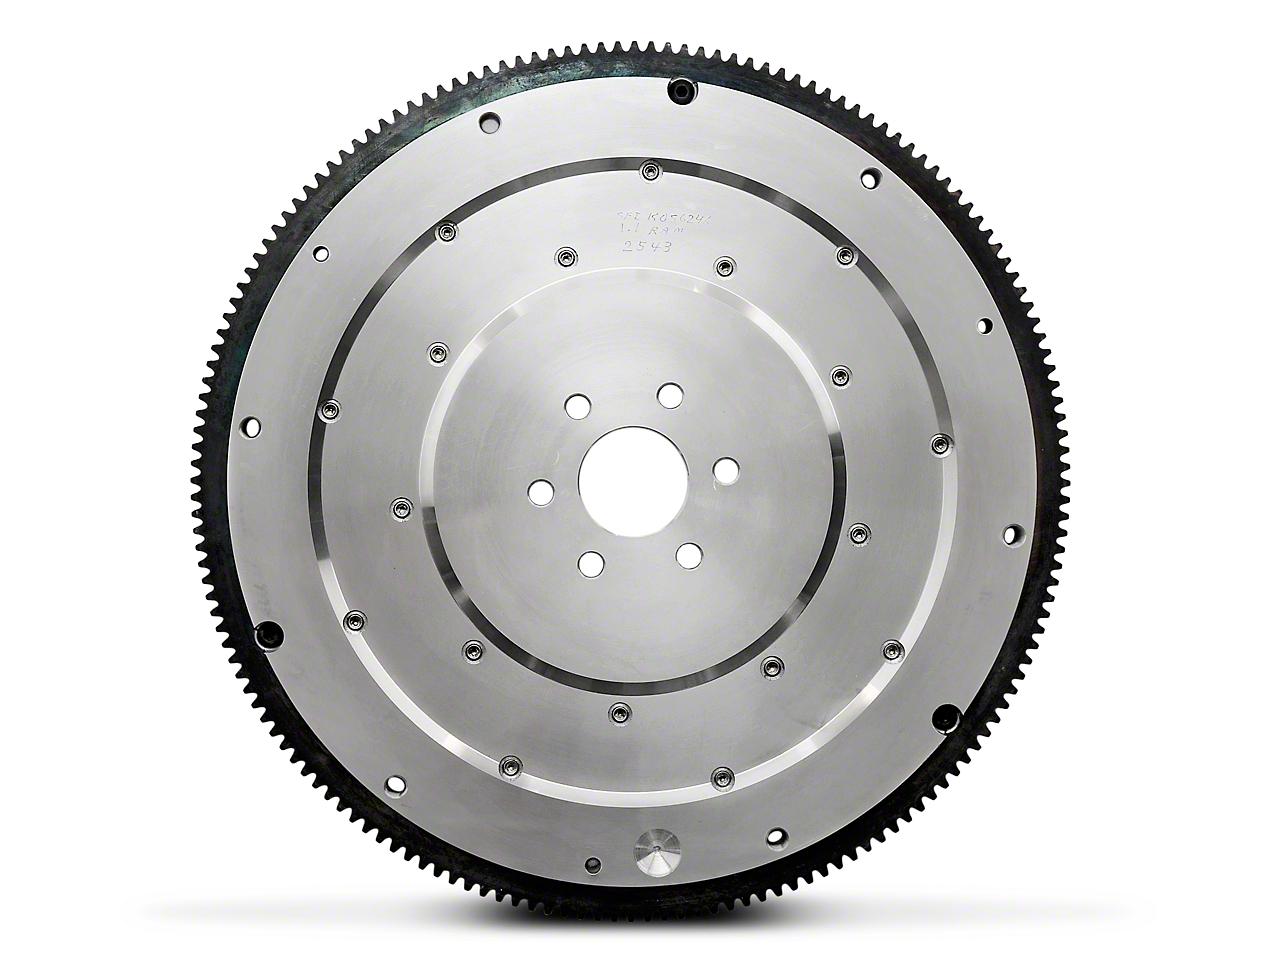 RAM Billet Aluminum Flywheel - 6 Bolt (01-04 V6)